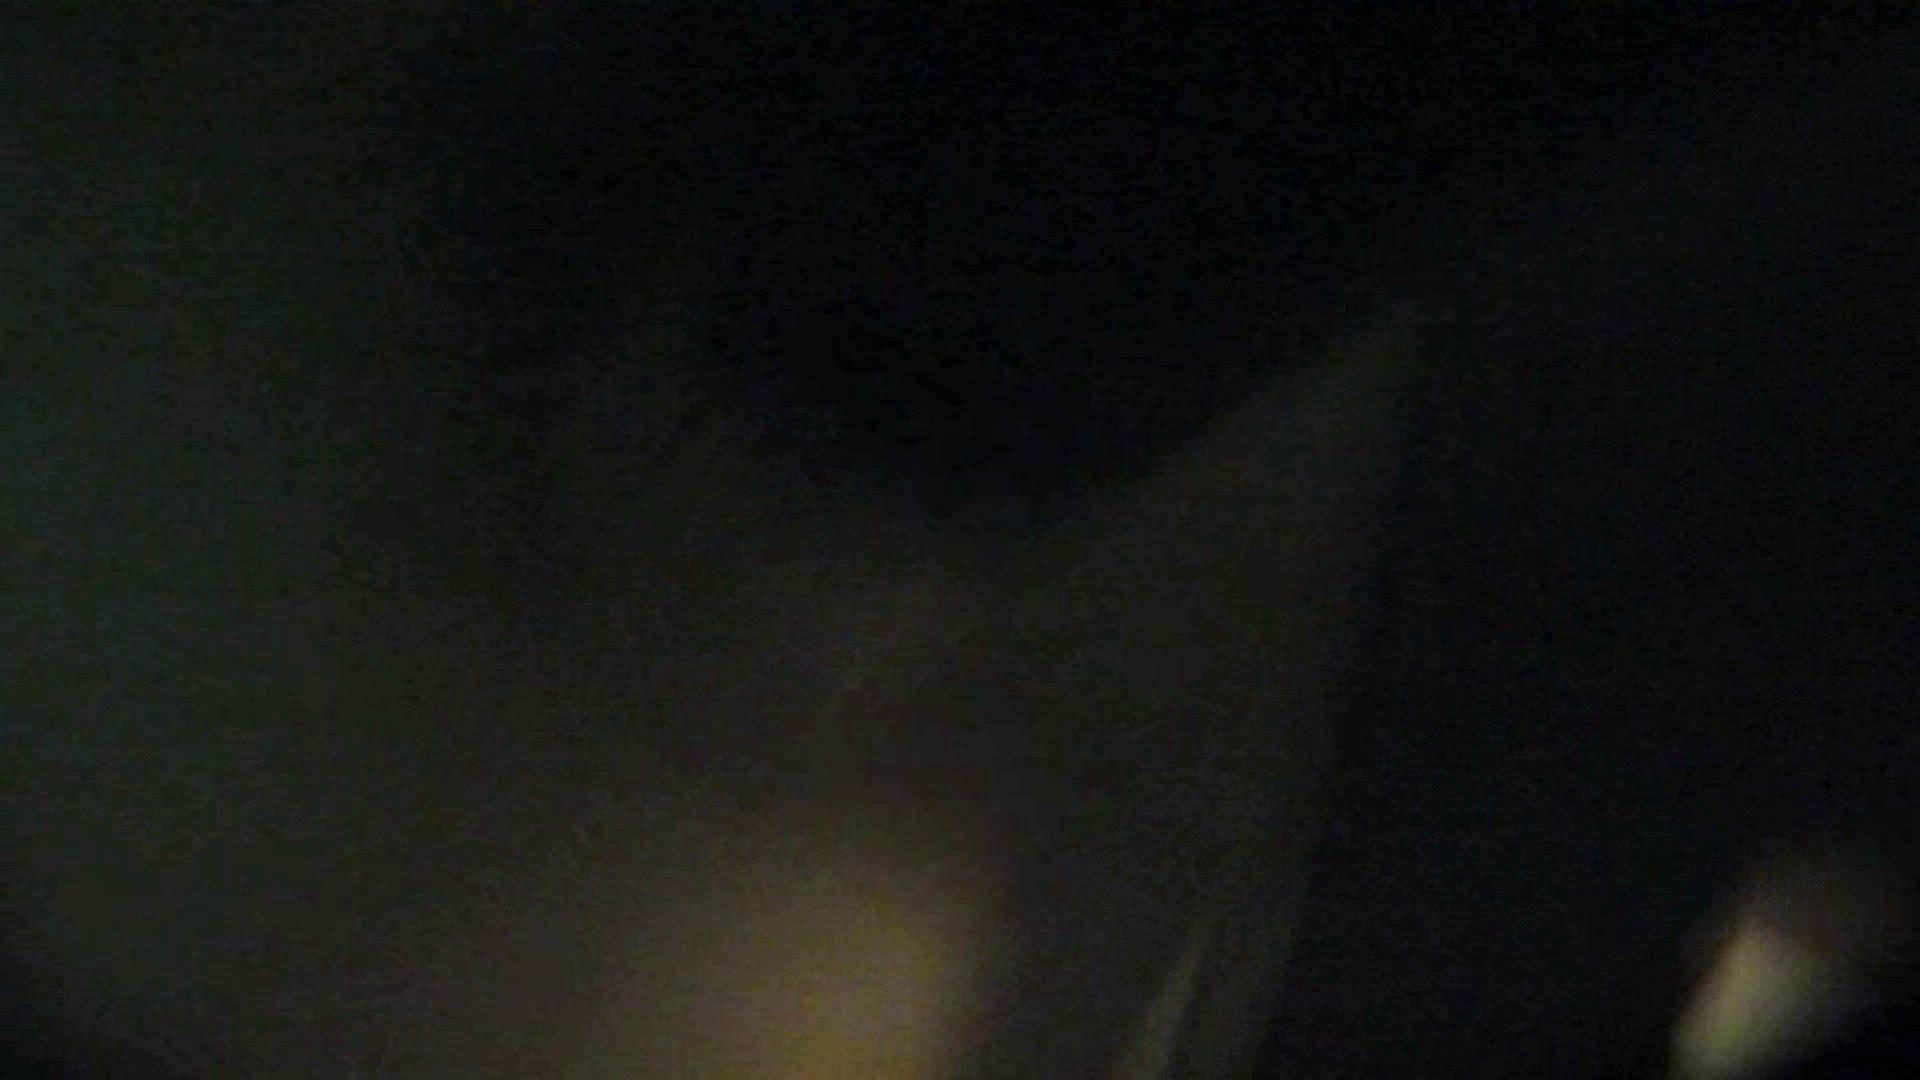 阿国ちゃんの「和式洋式七変化」No.13 盛合せ おまんこ動画流出 46画像 46